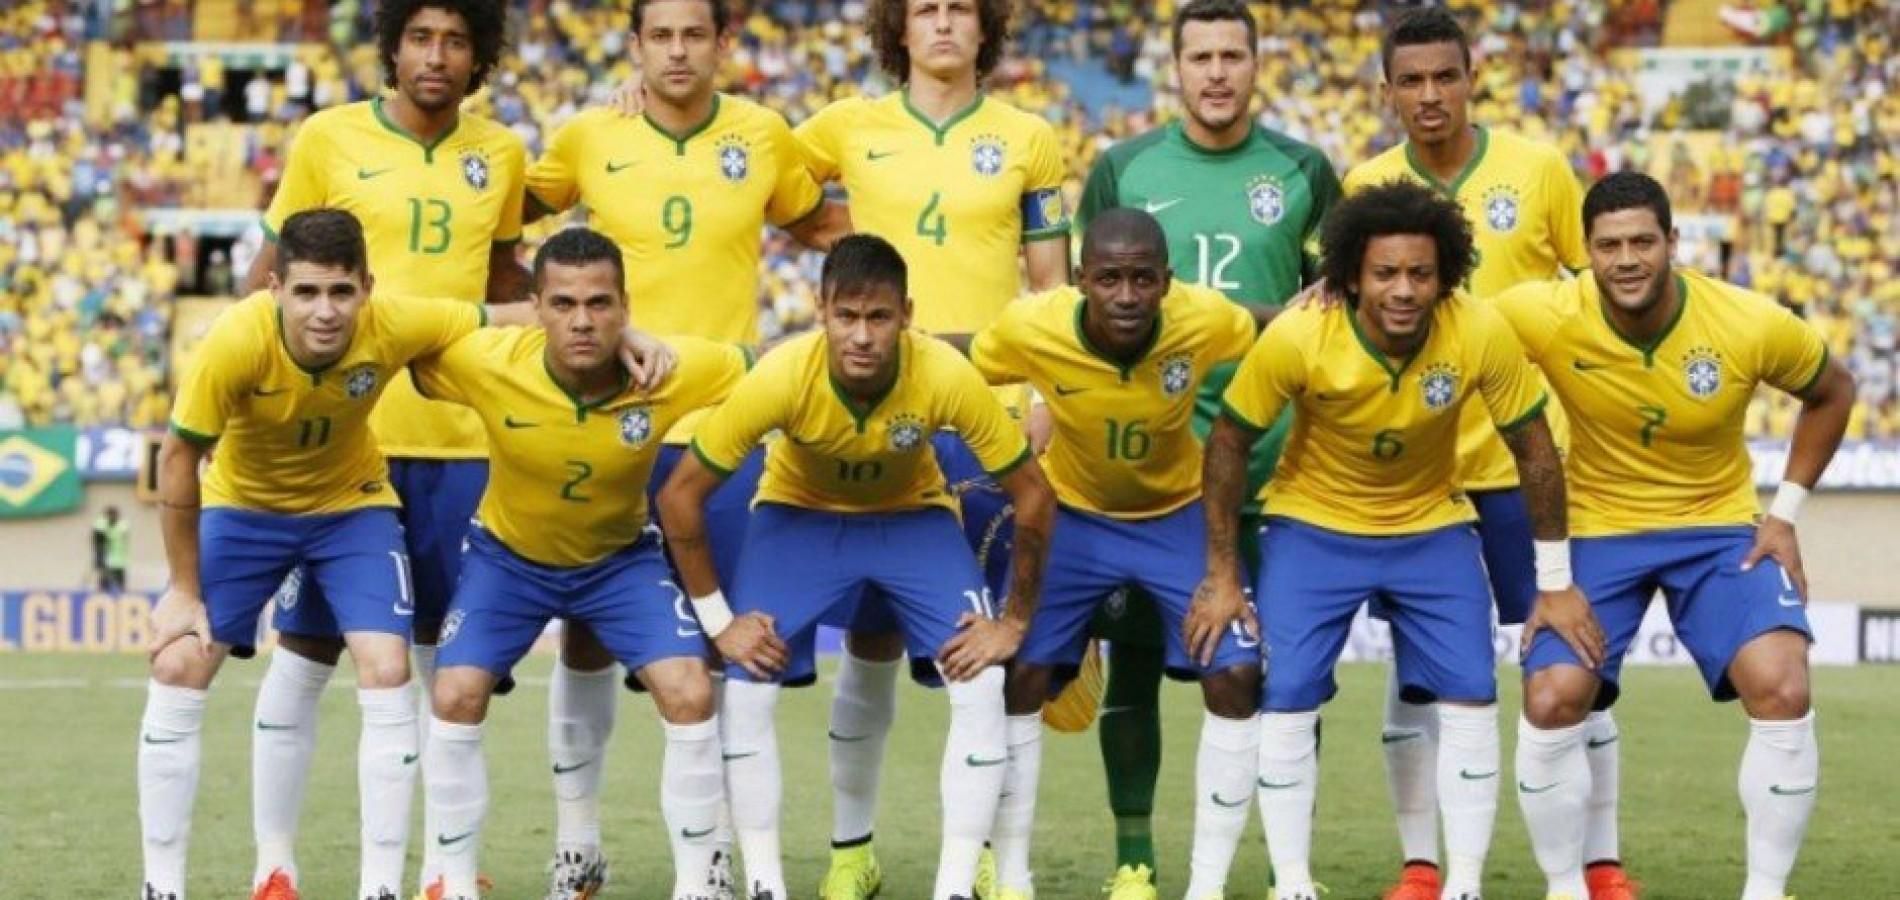 Seleção recebe R$ 44 milhões por quarto lugar, e grupo vai dividir 25%